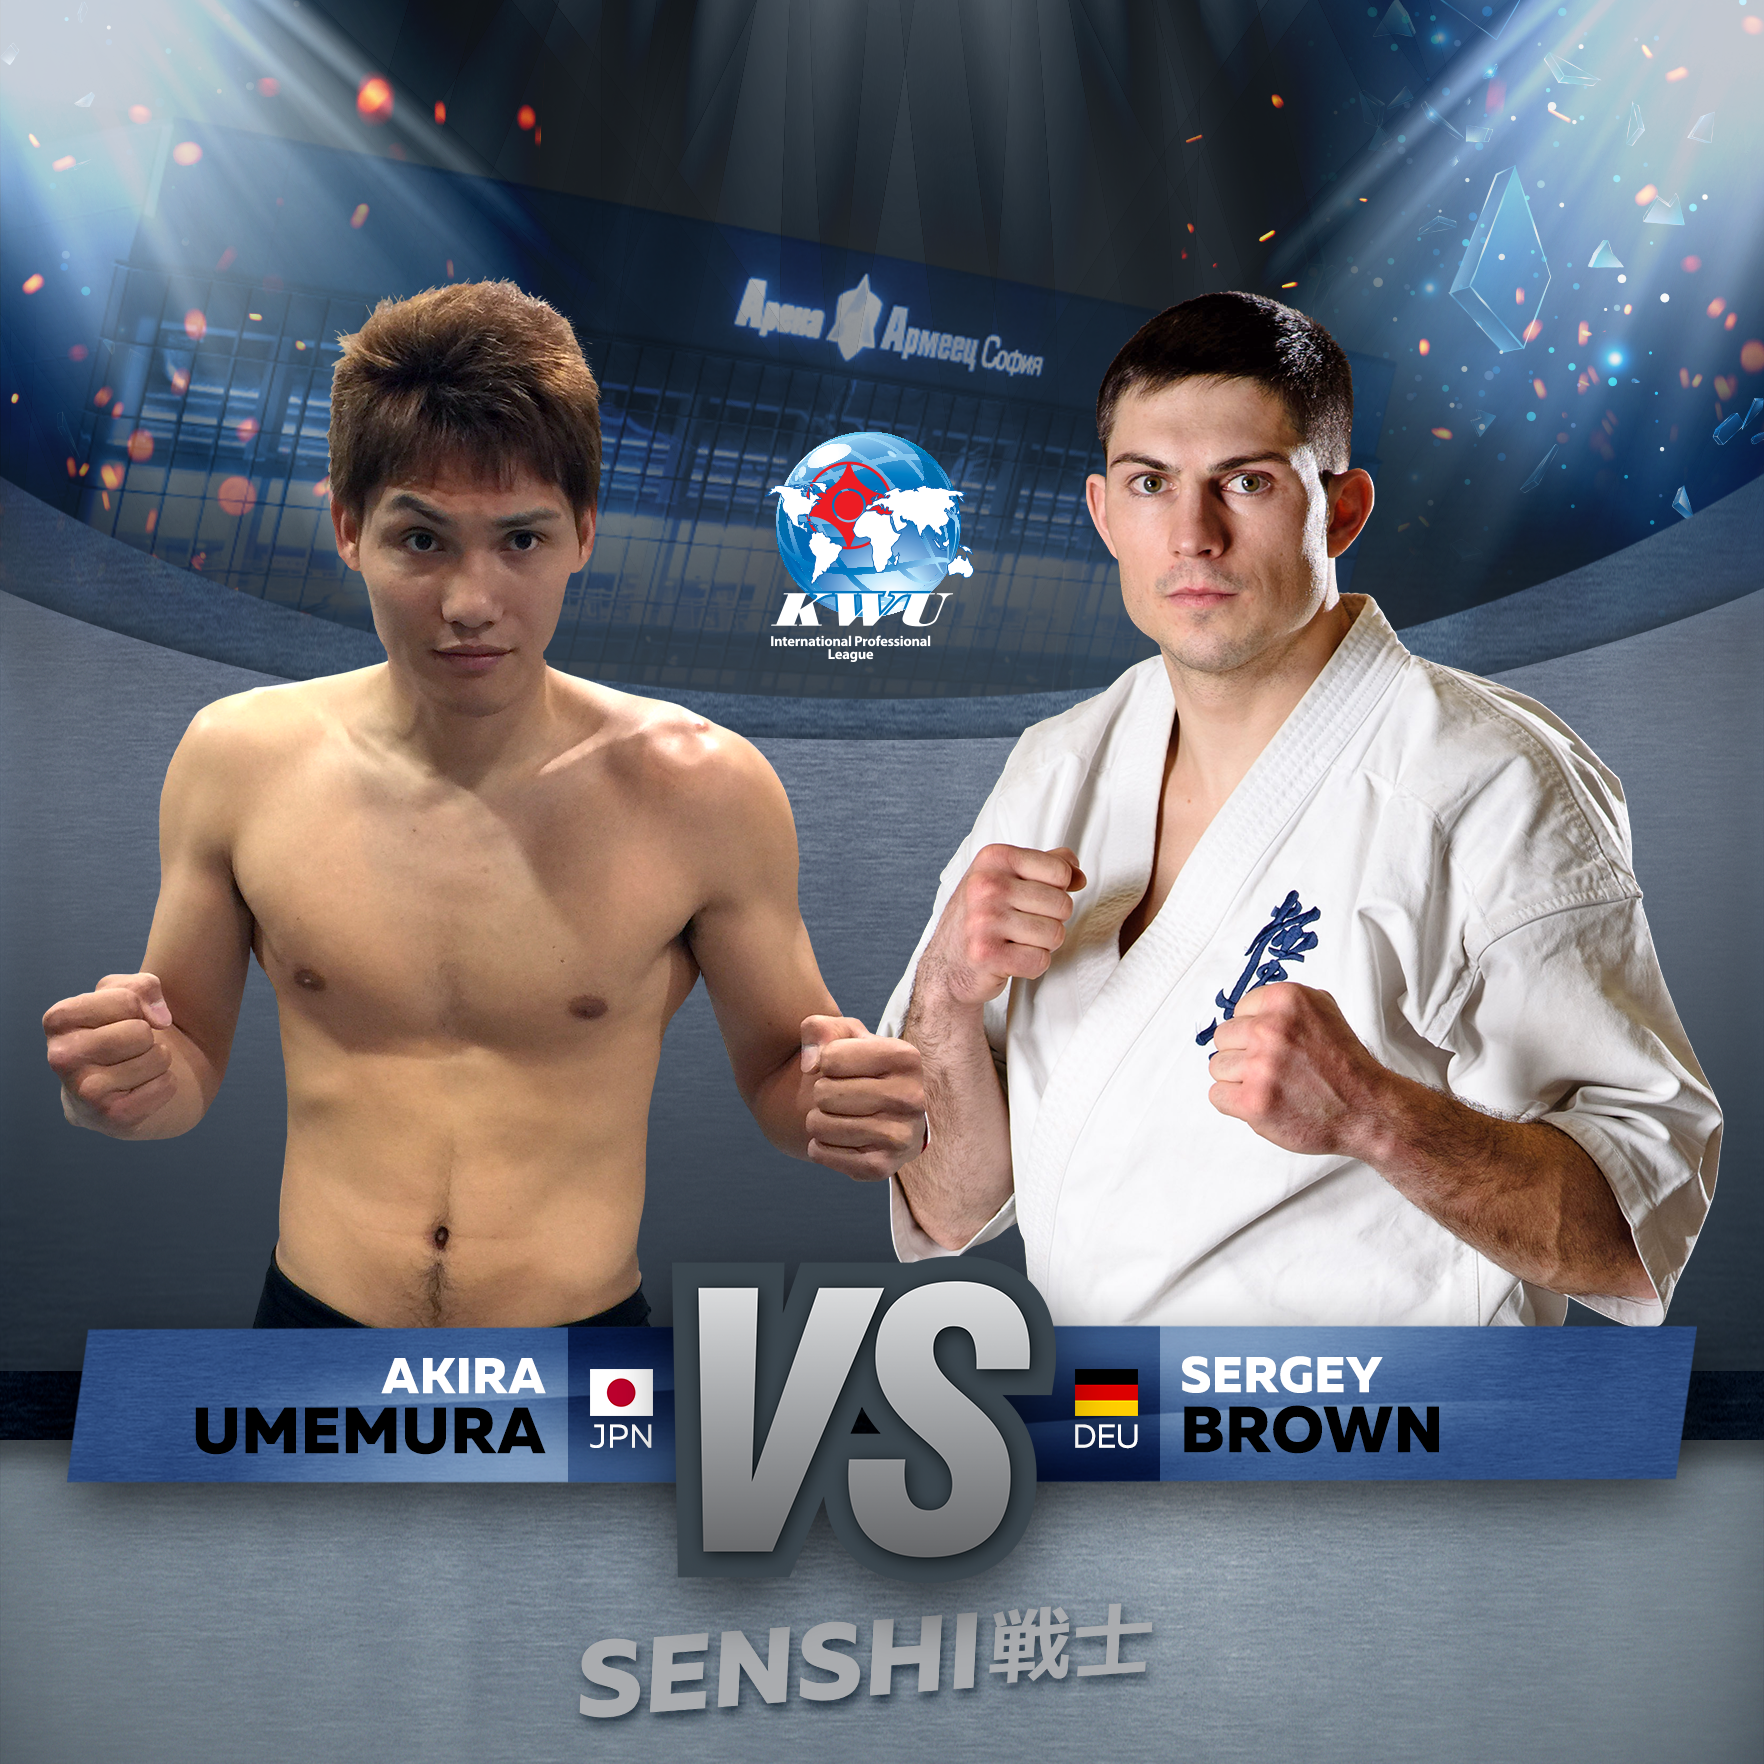 Японец нокаутьор срещу шампион по киокушин от Германия на SENSHI